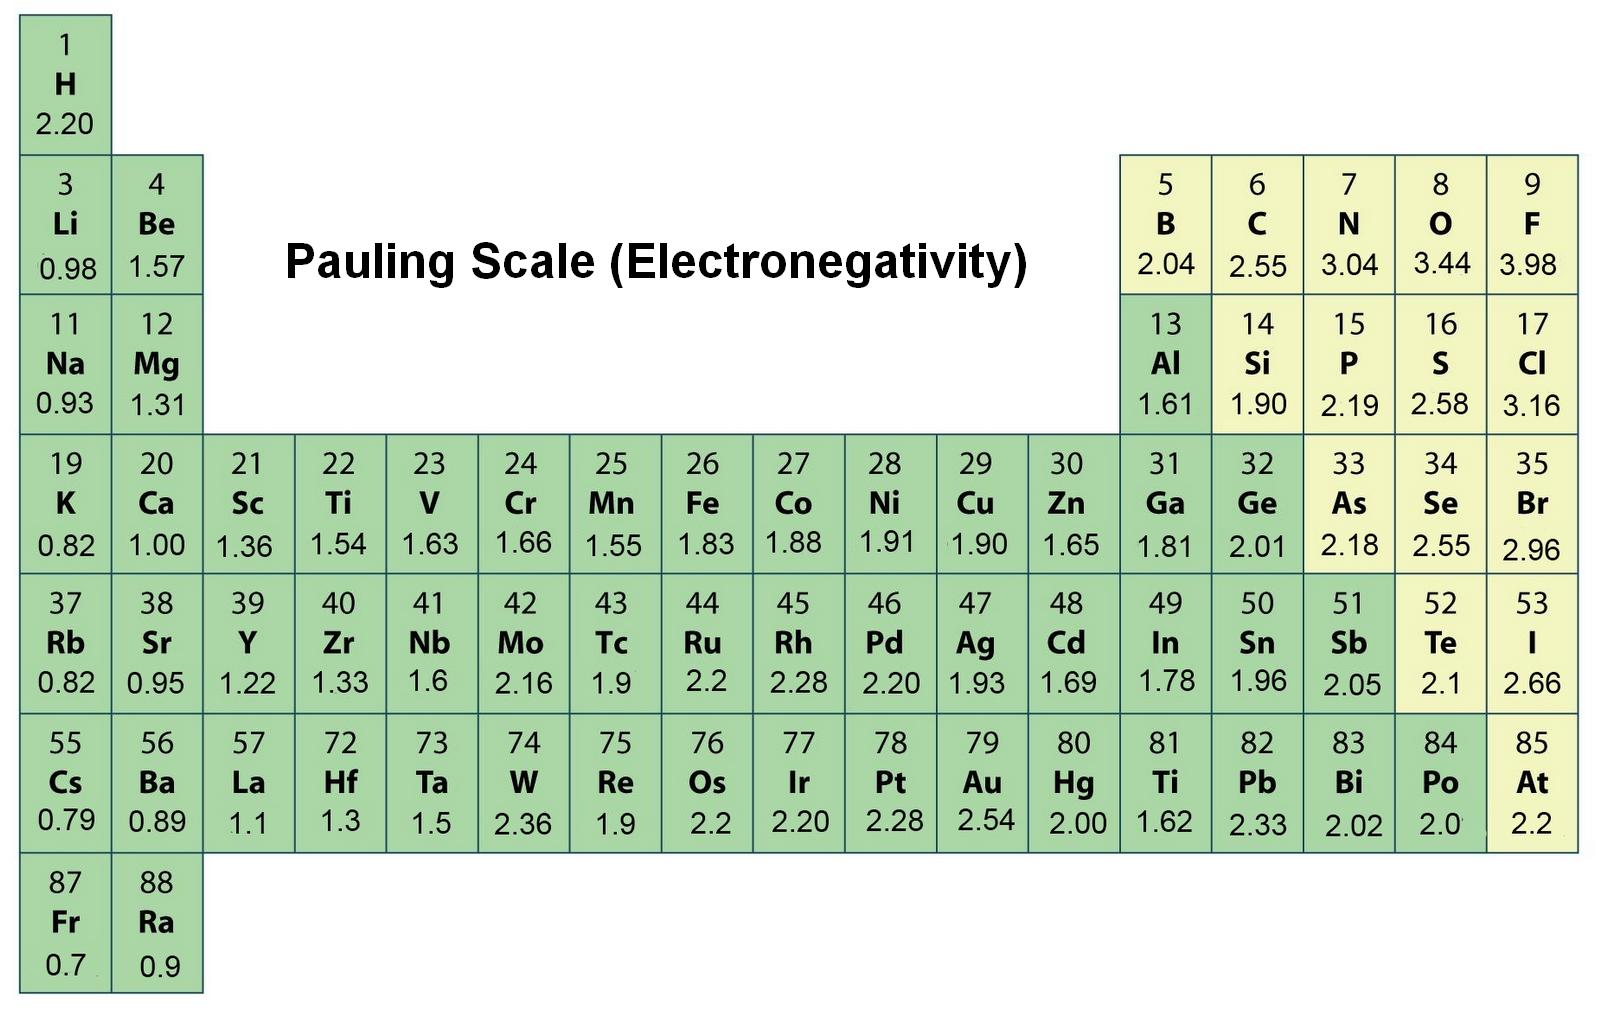 전기음성도(Electronegativity)의 뜻과 개념